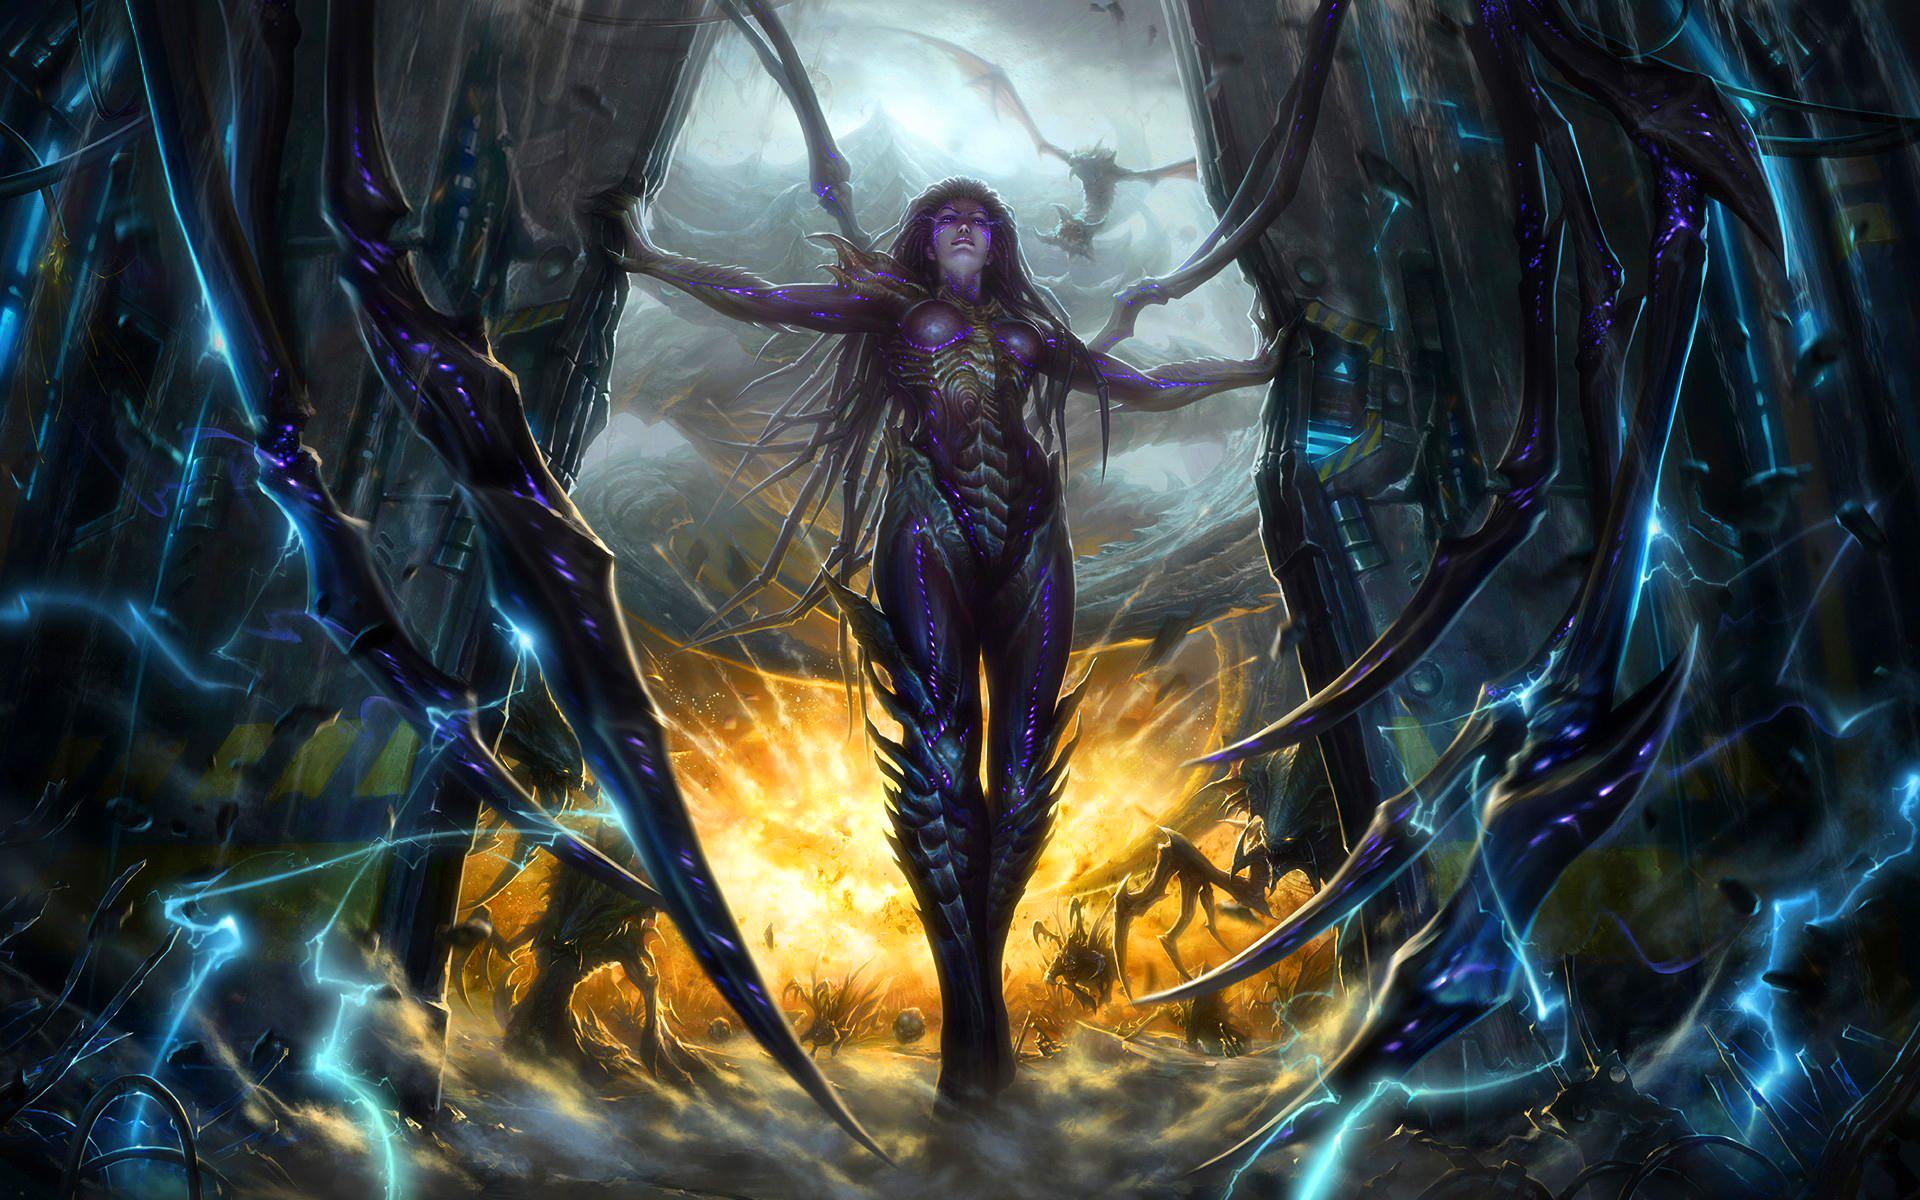 Starcraft Art - HD Desktop Wallpapers